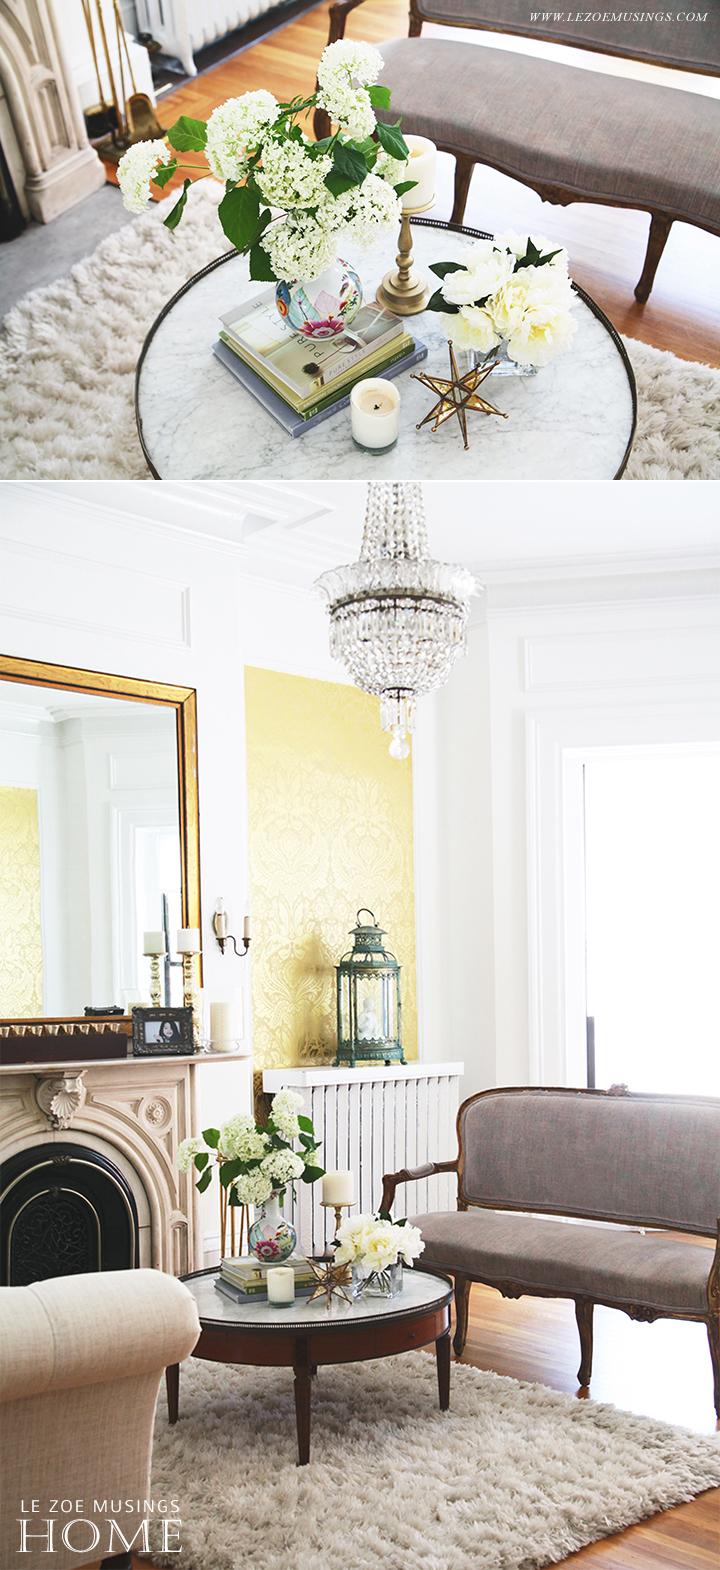 Living Room by Le Zoe Musings2